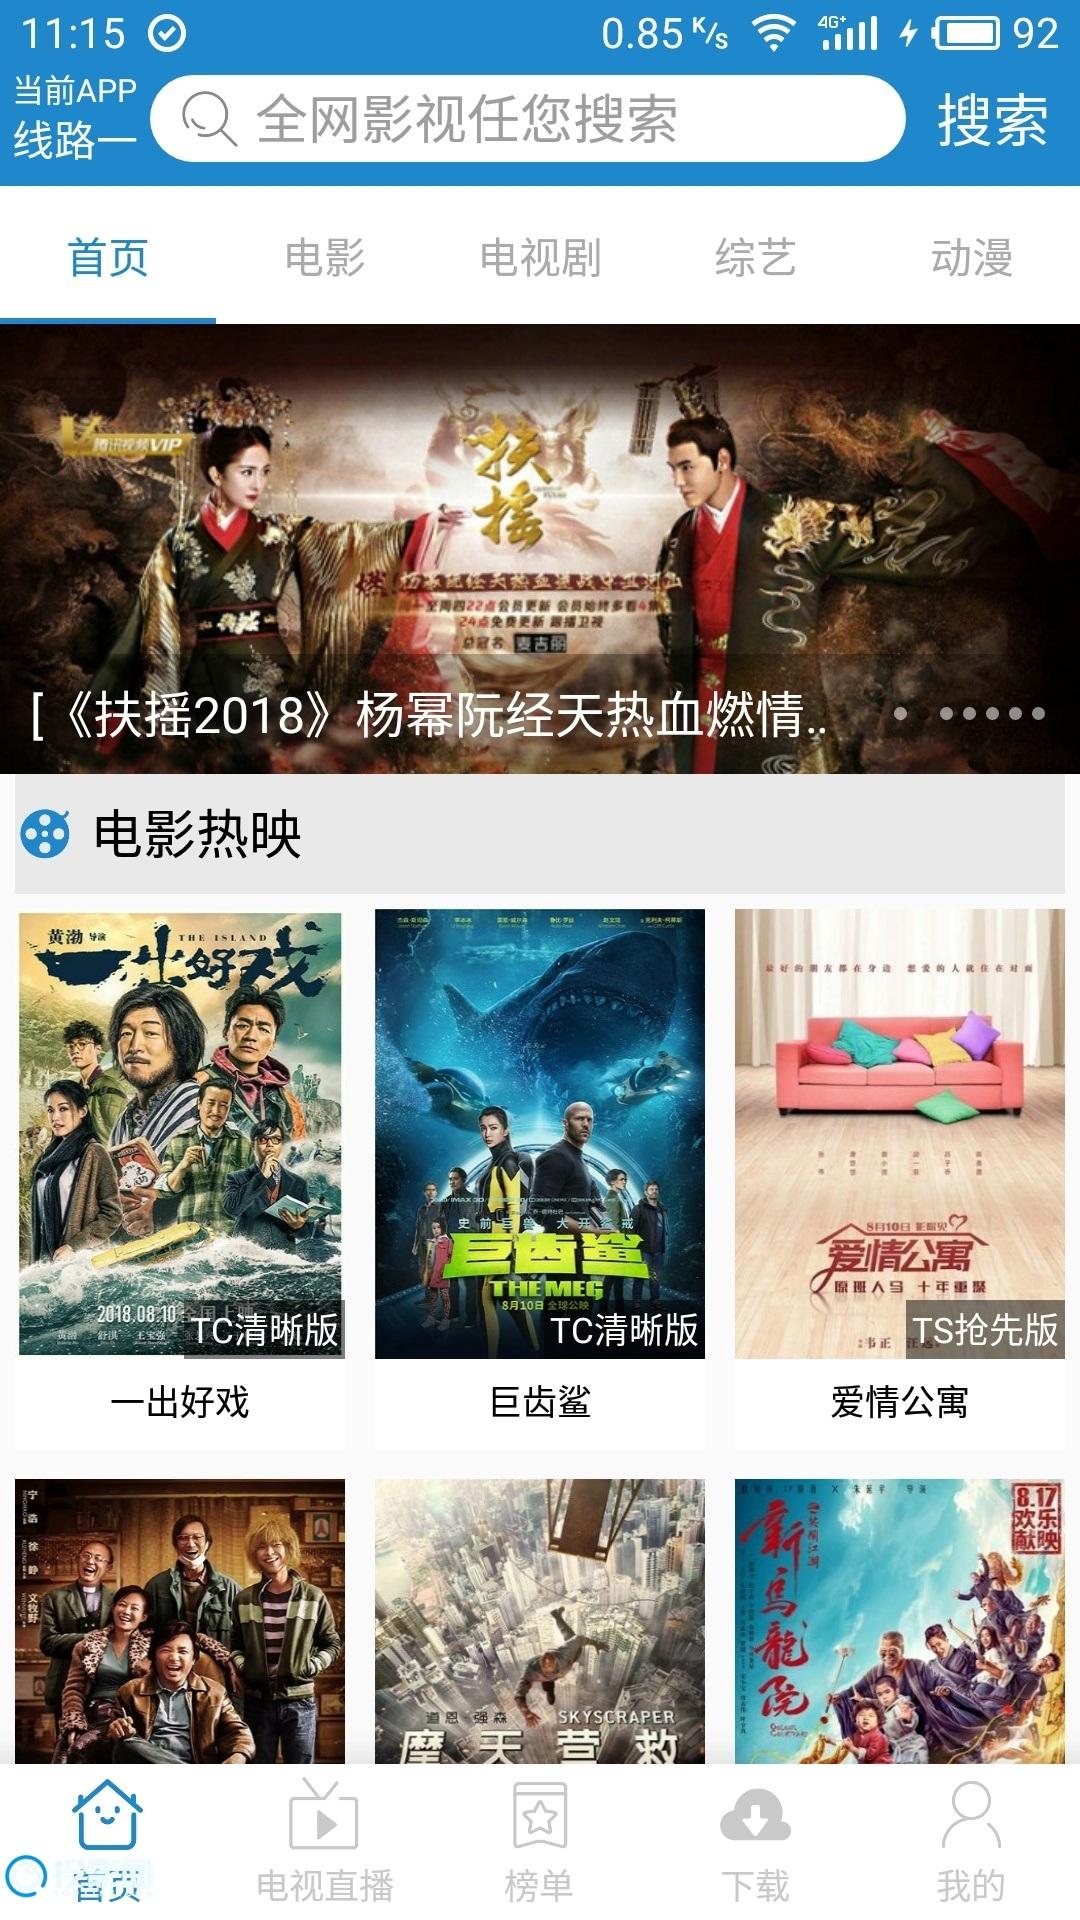 手机版应用:每天影视,vip电影免费看!